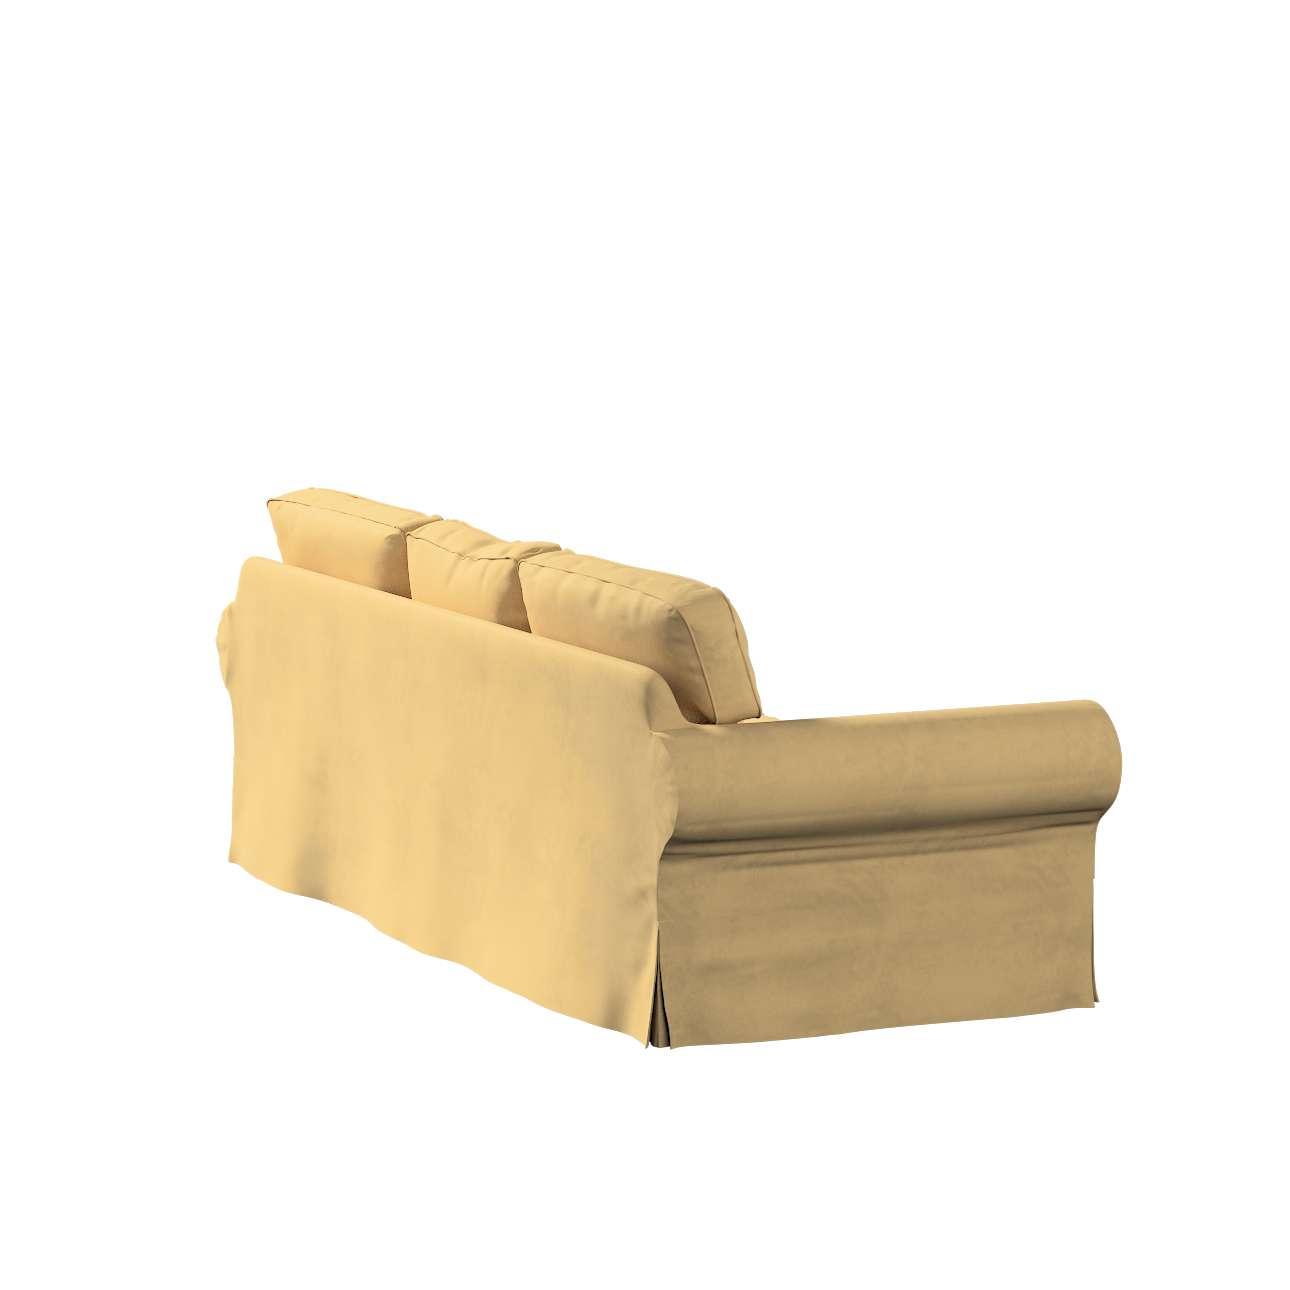 Bezug für Ektorp 3-Sitzer Schlafsofa, ALTES Modell von der Kollektion Living II, Stoff: 160-93